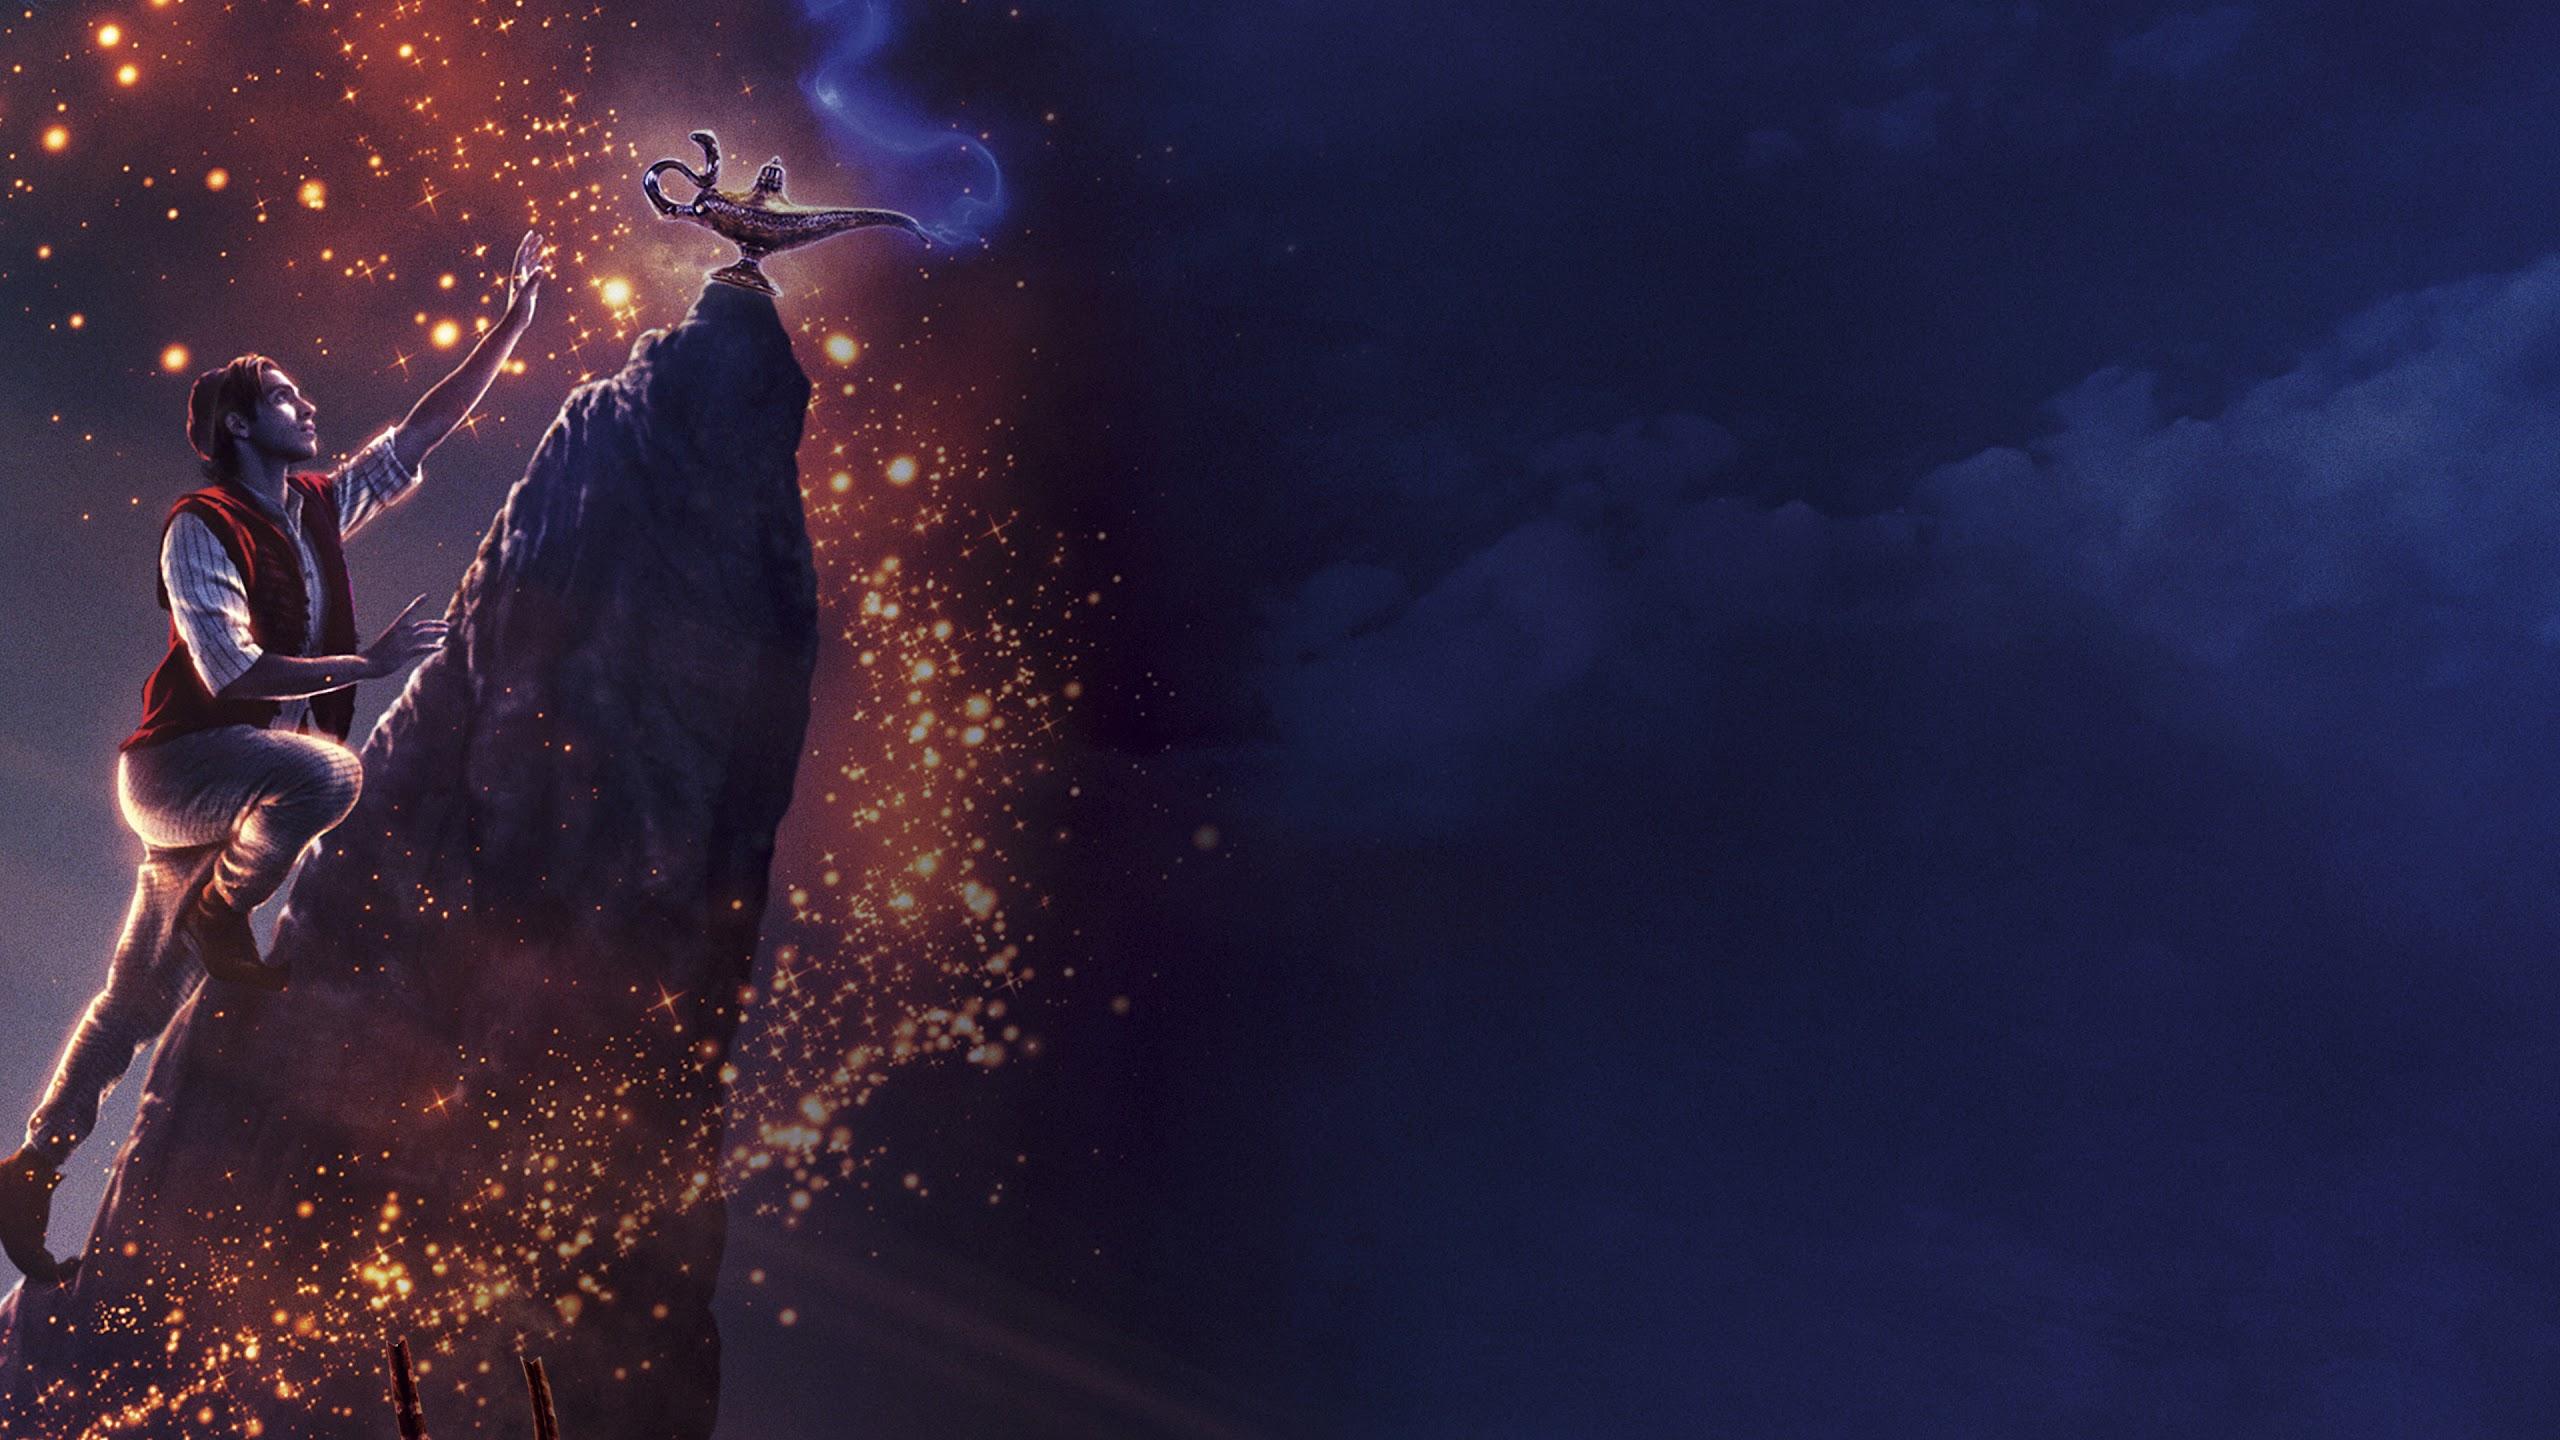 Aladdin 2019 Genies Lamp 4k Wallpaper 15